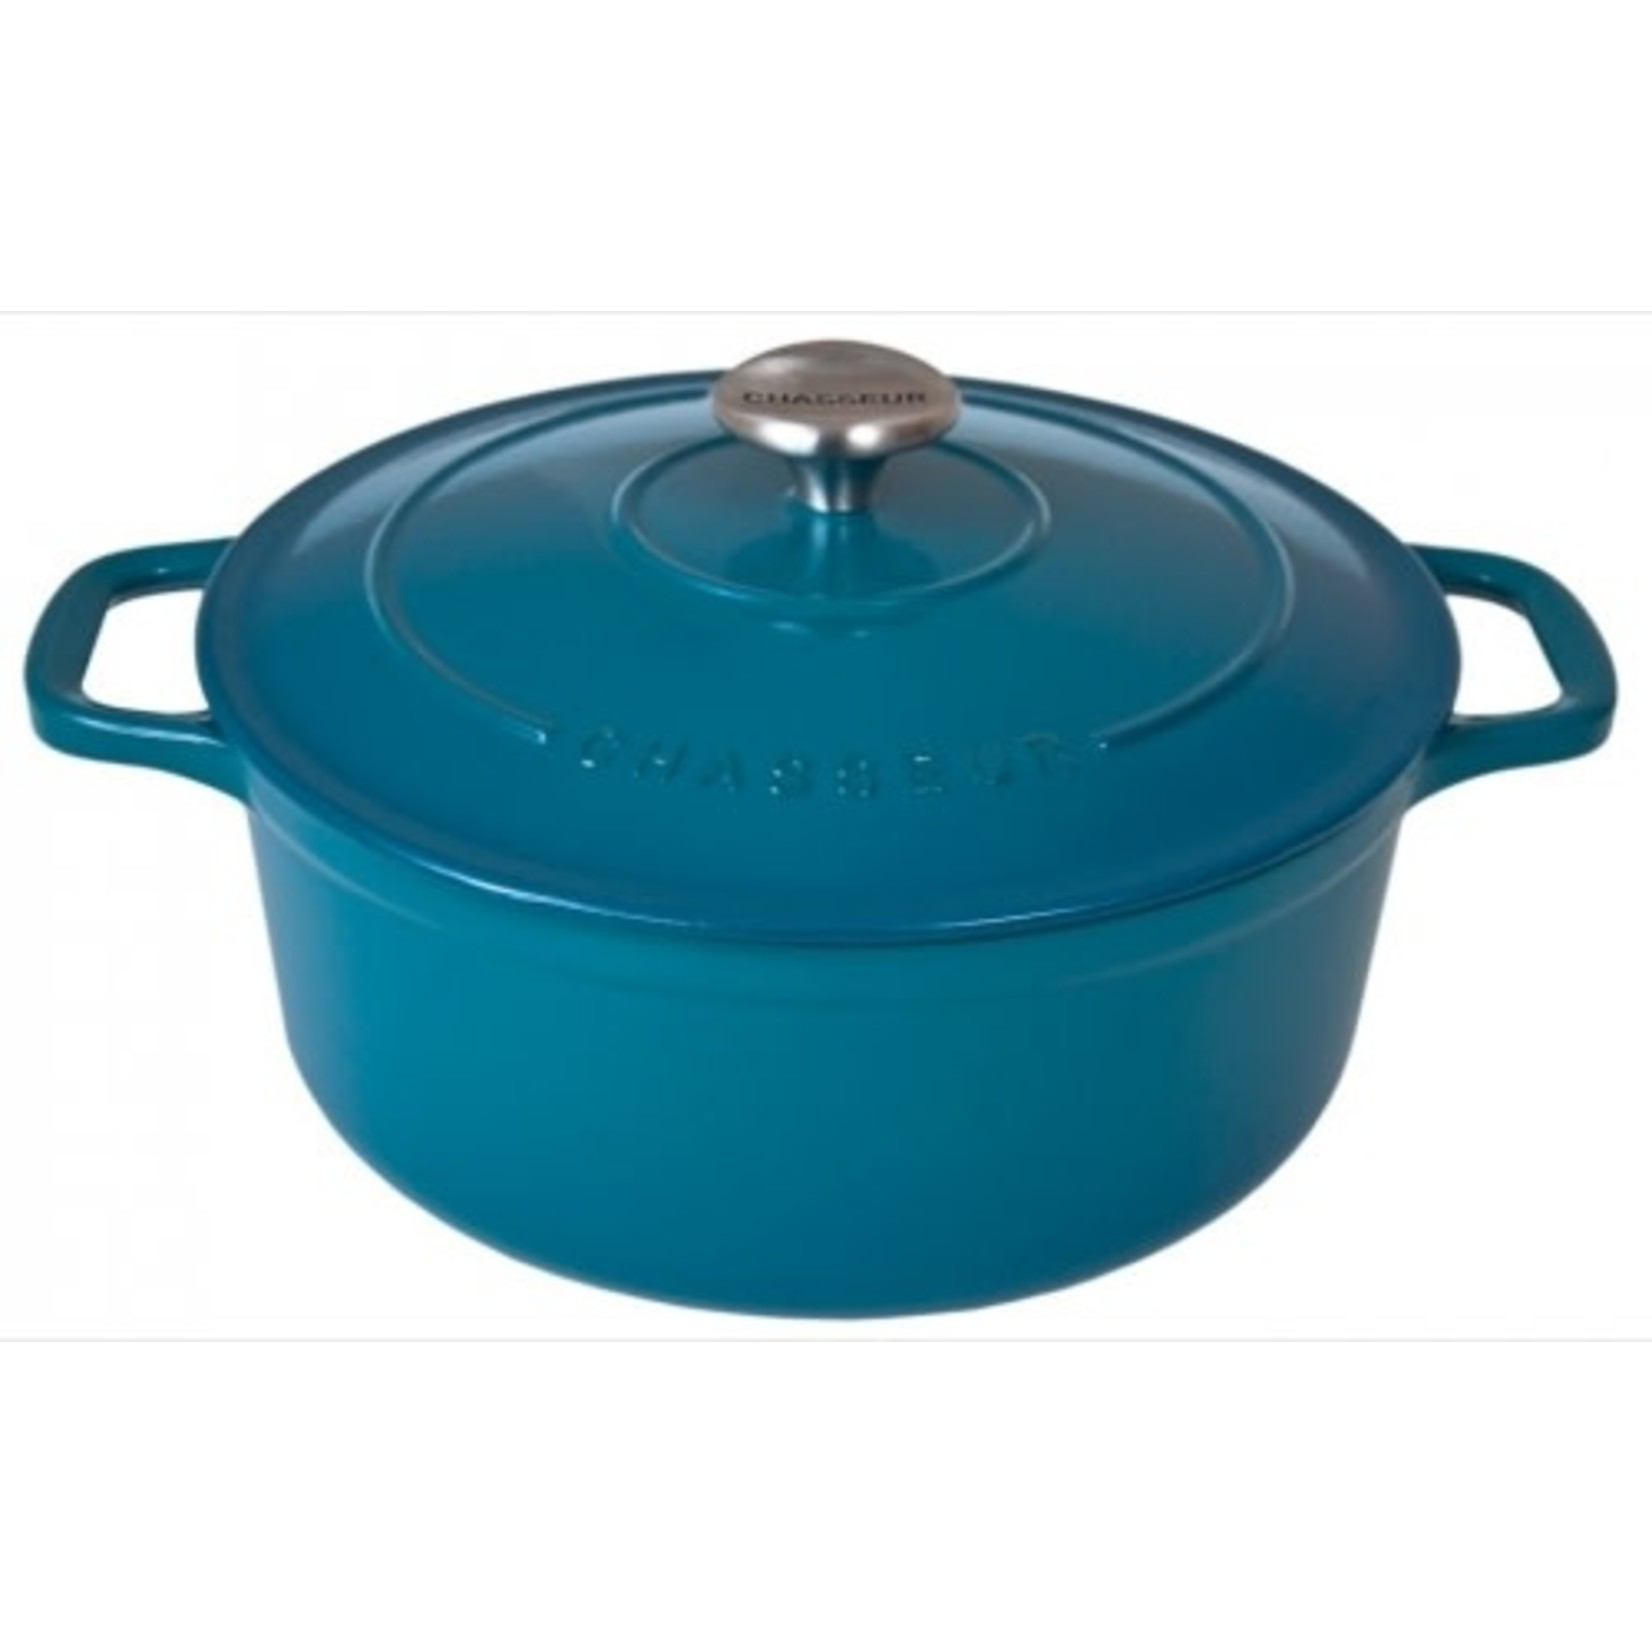 Chasseur Cocotte rond 18cm 1,8L blauw